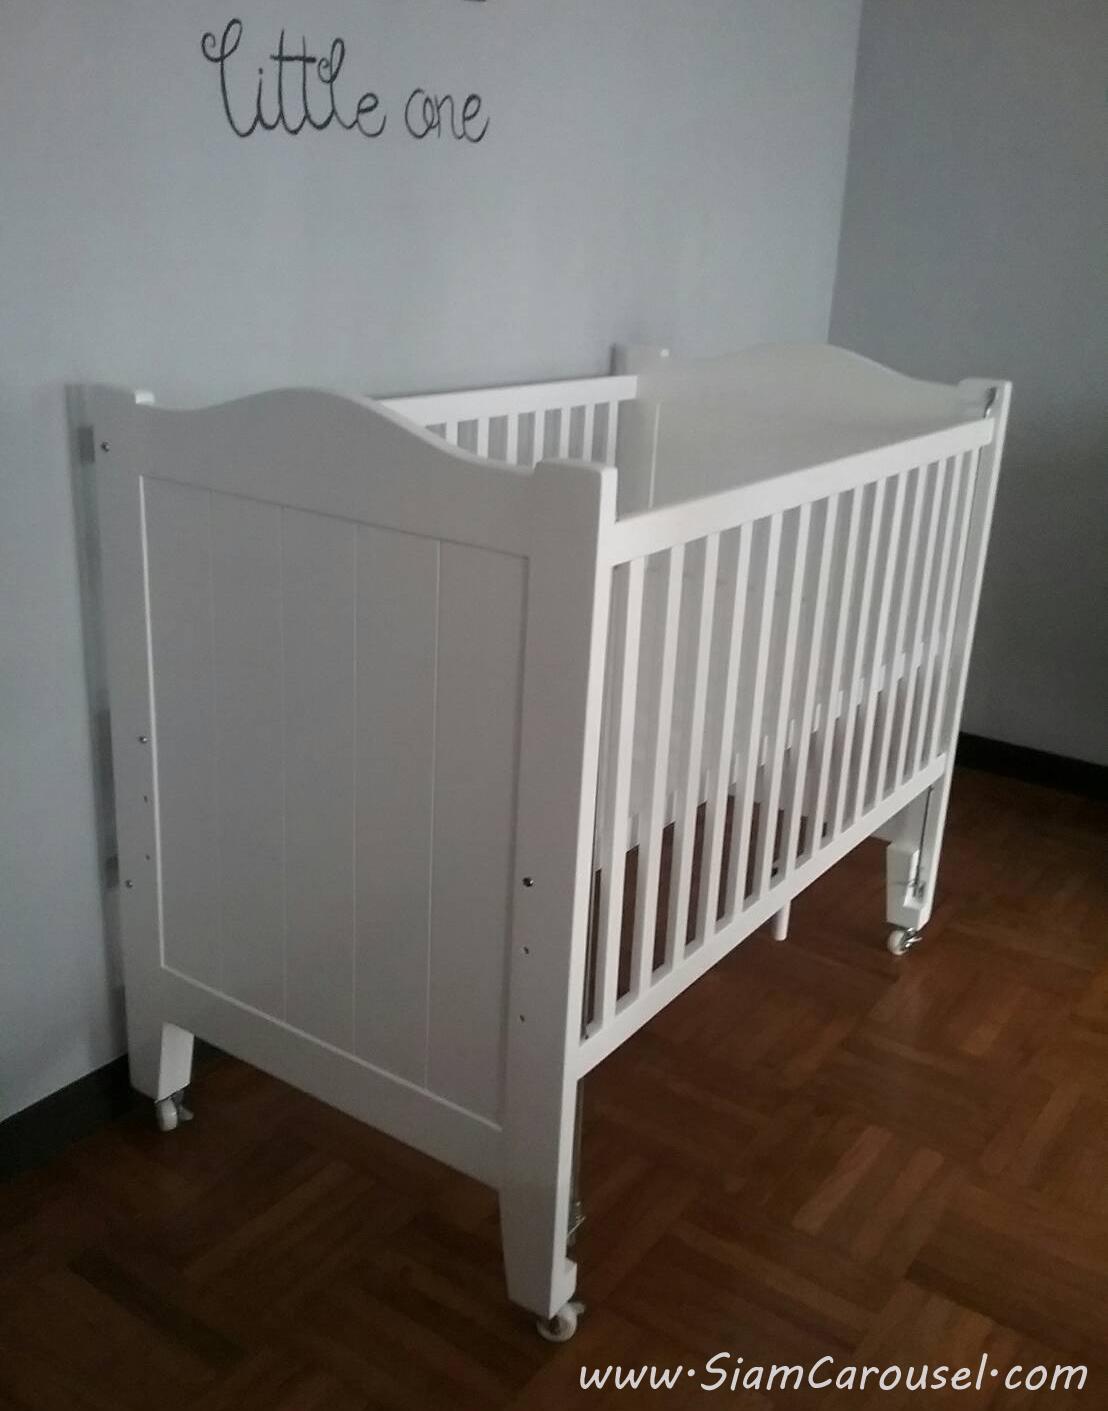 เตียงเด็กอ่อน เพิ่มใส่ล้อแบบ Lock ได้